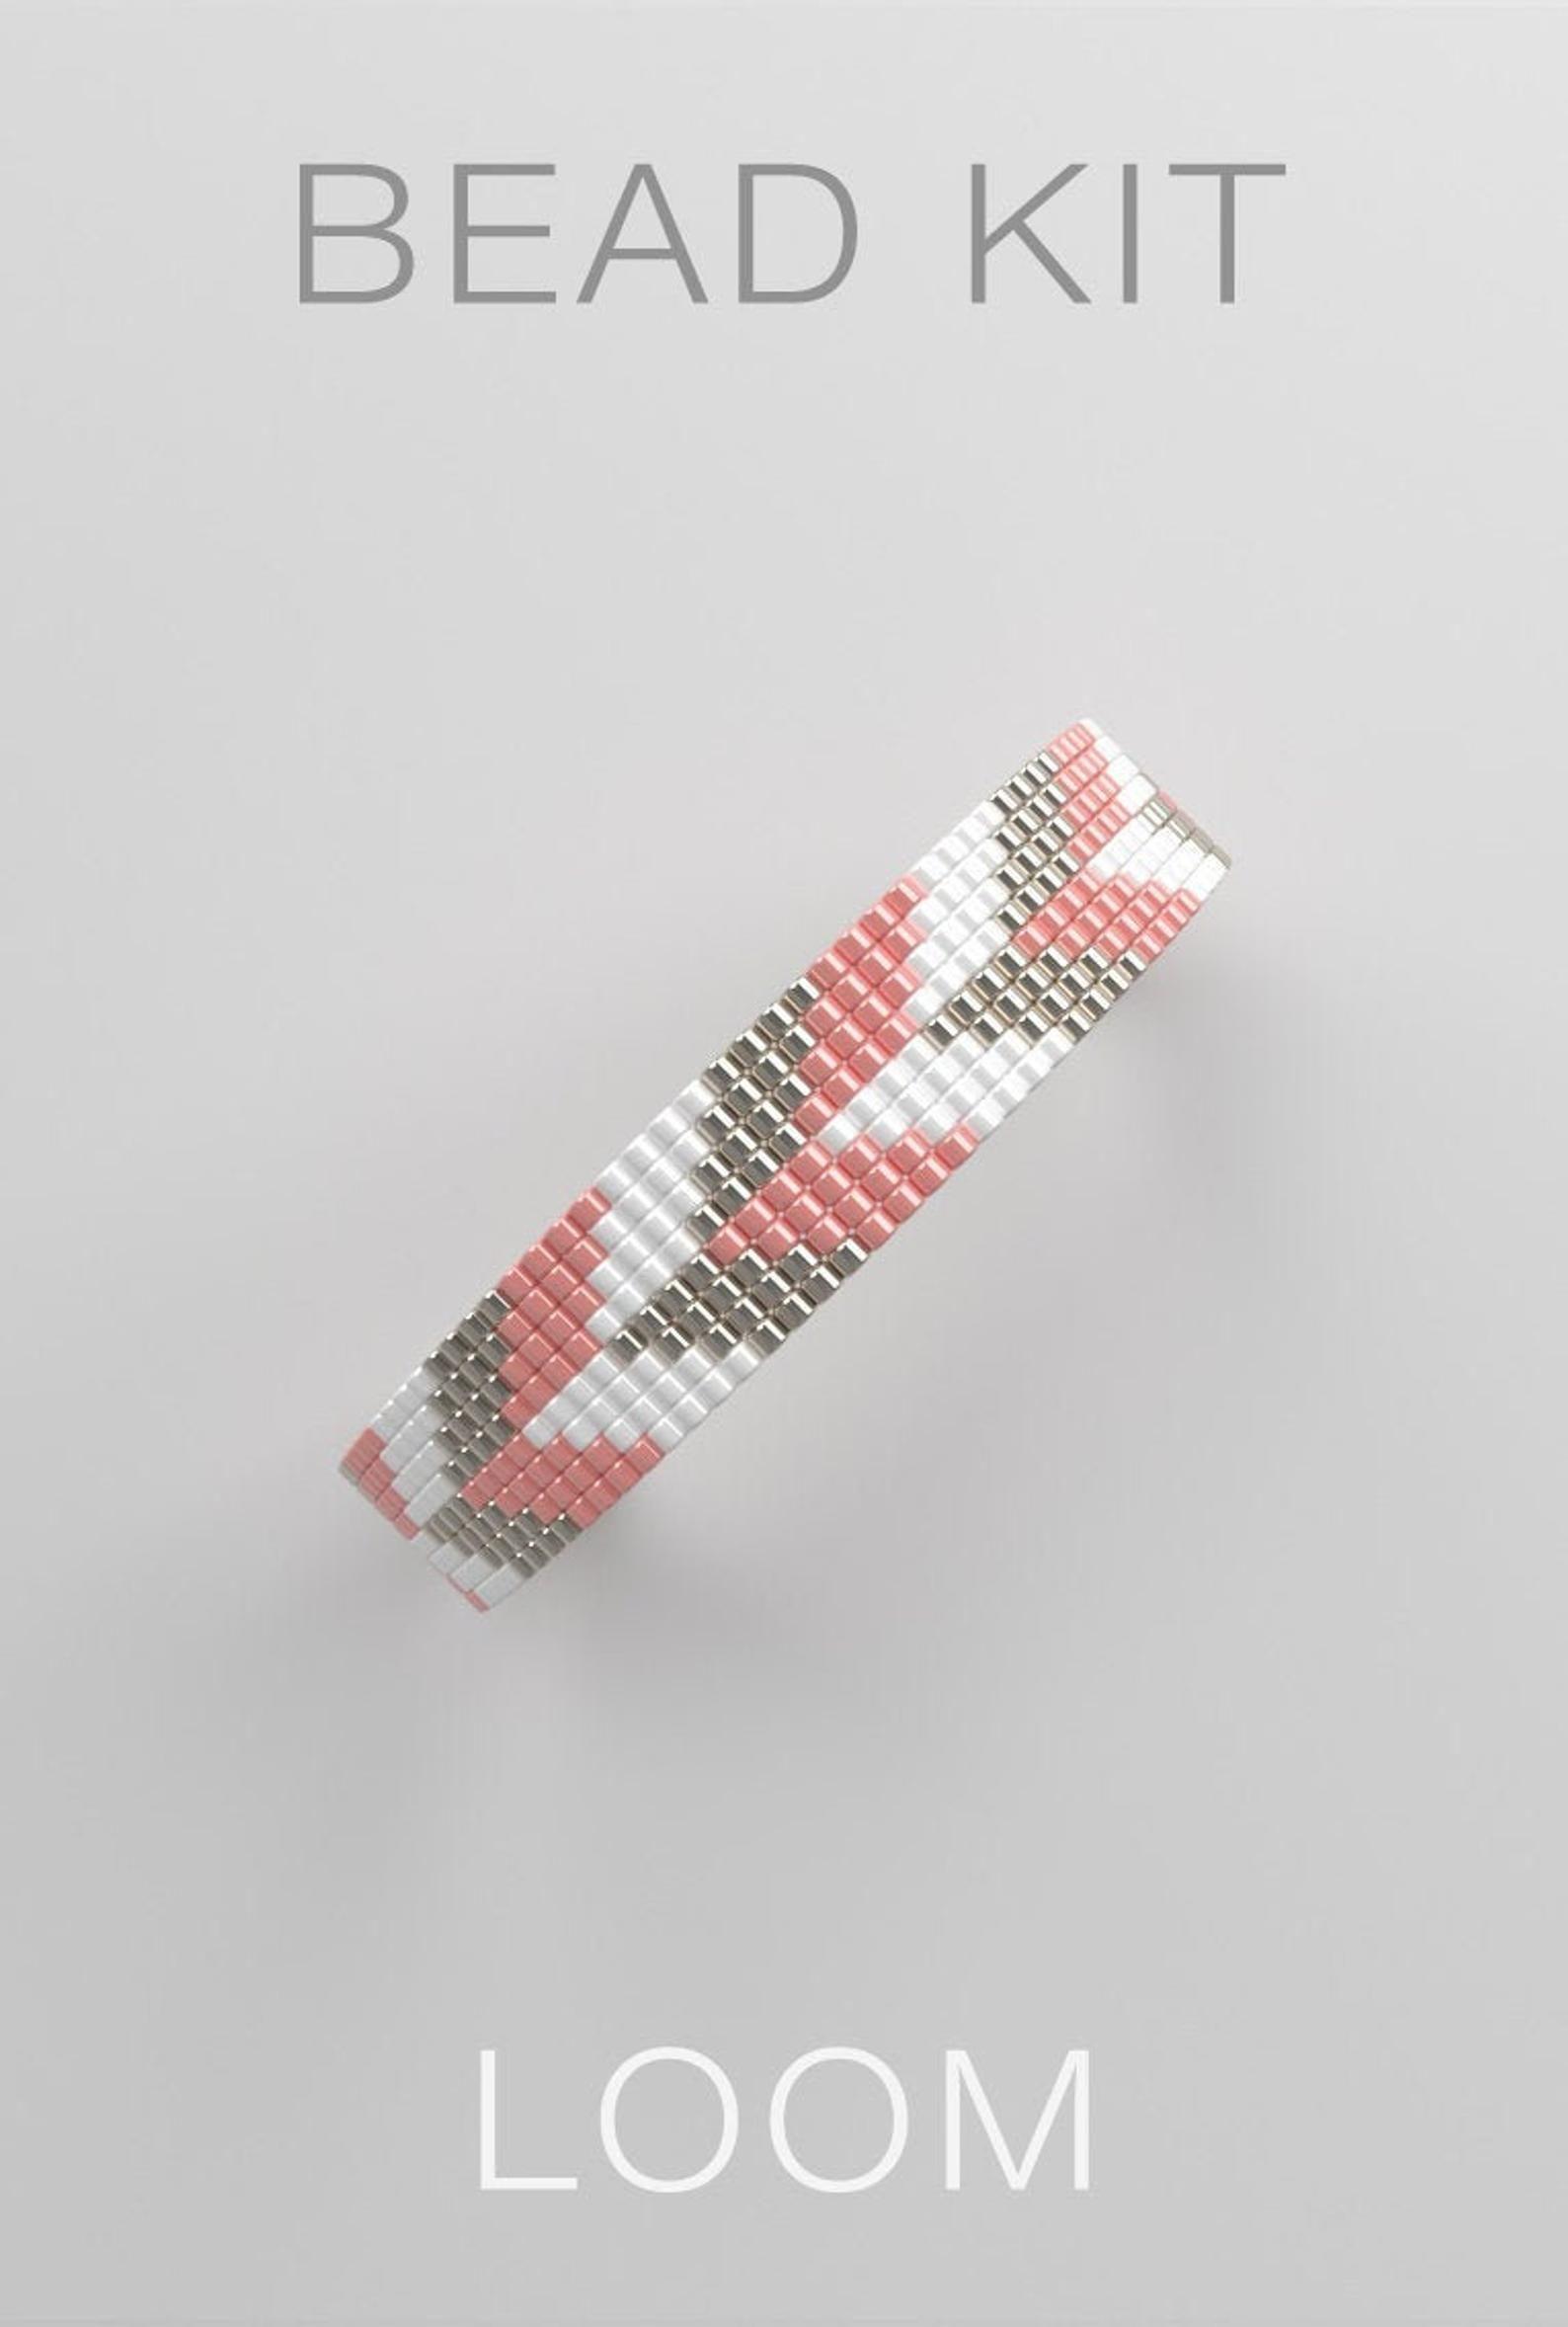 Kit De Broderie De Perles Modele De Bracelet De Metier A Etsy Loom Bracelet Patterns Bracelet Patterns Loom Bracelets